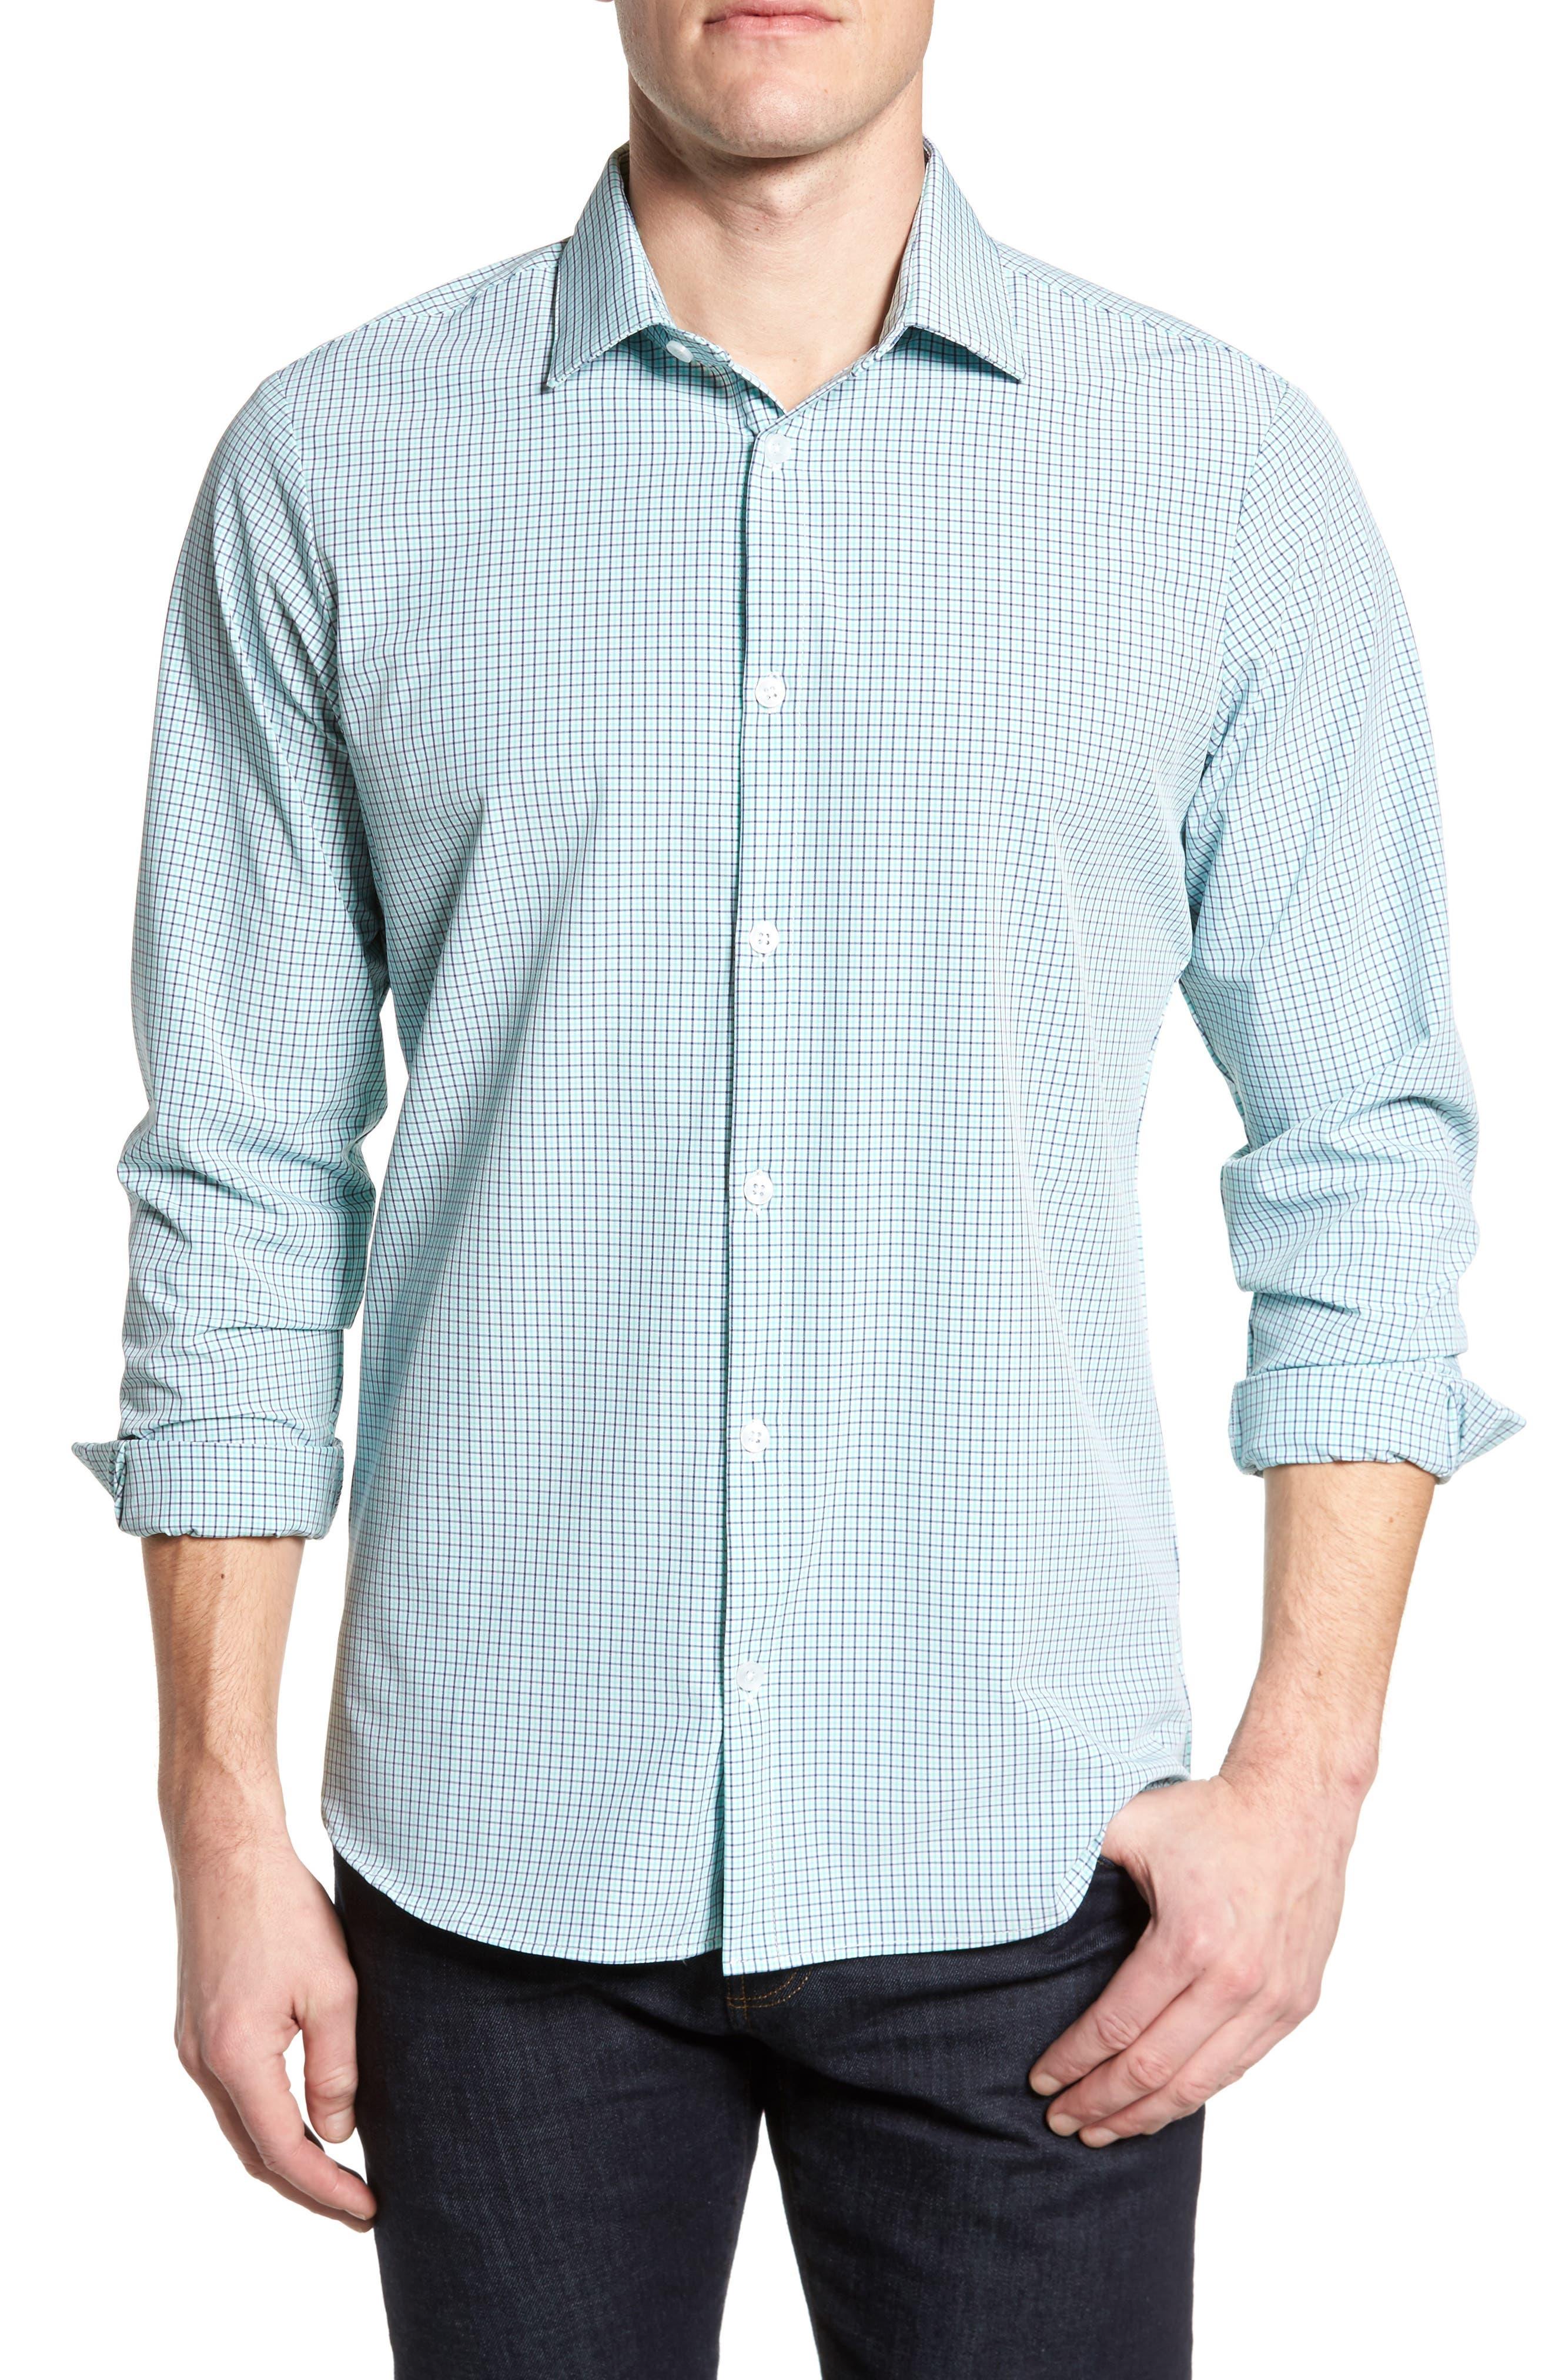 Ventura Check Sport Shirt,                             Main thumbnail 1, color,                             Green